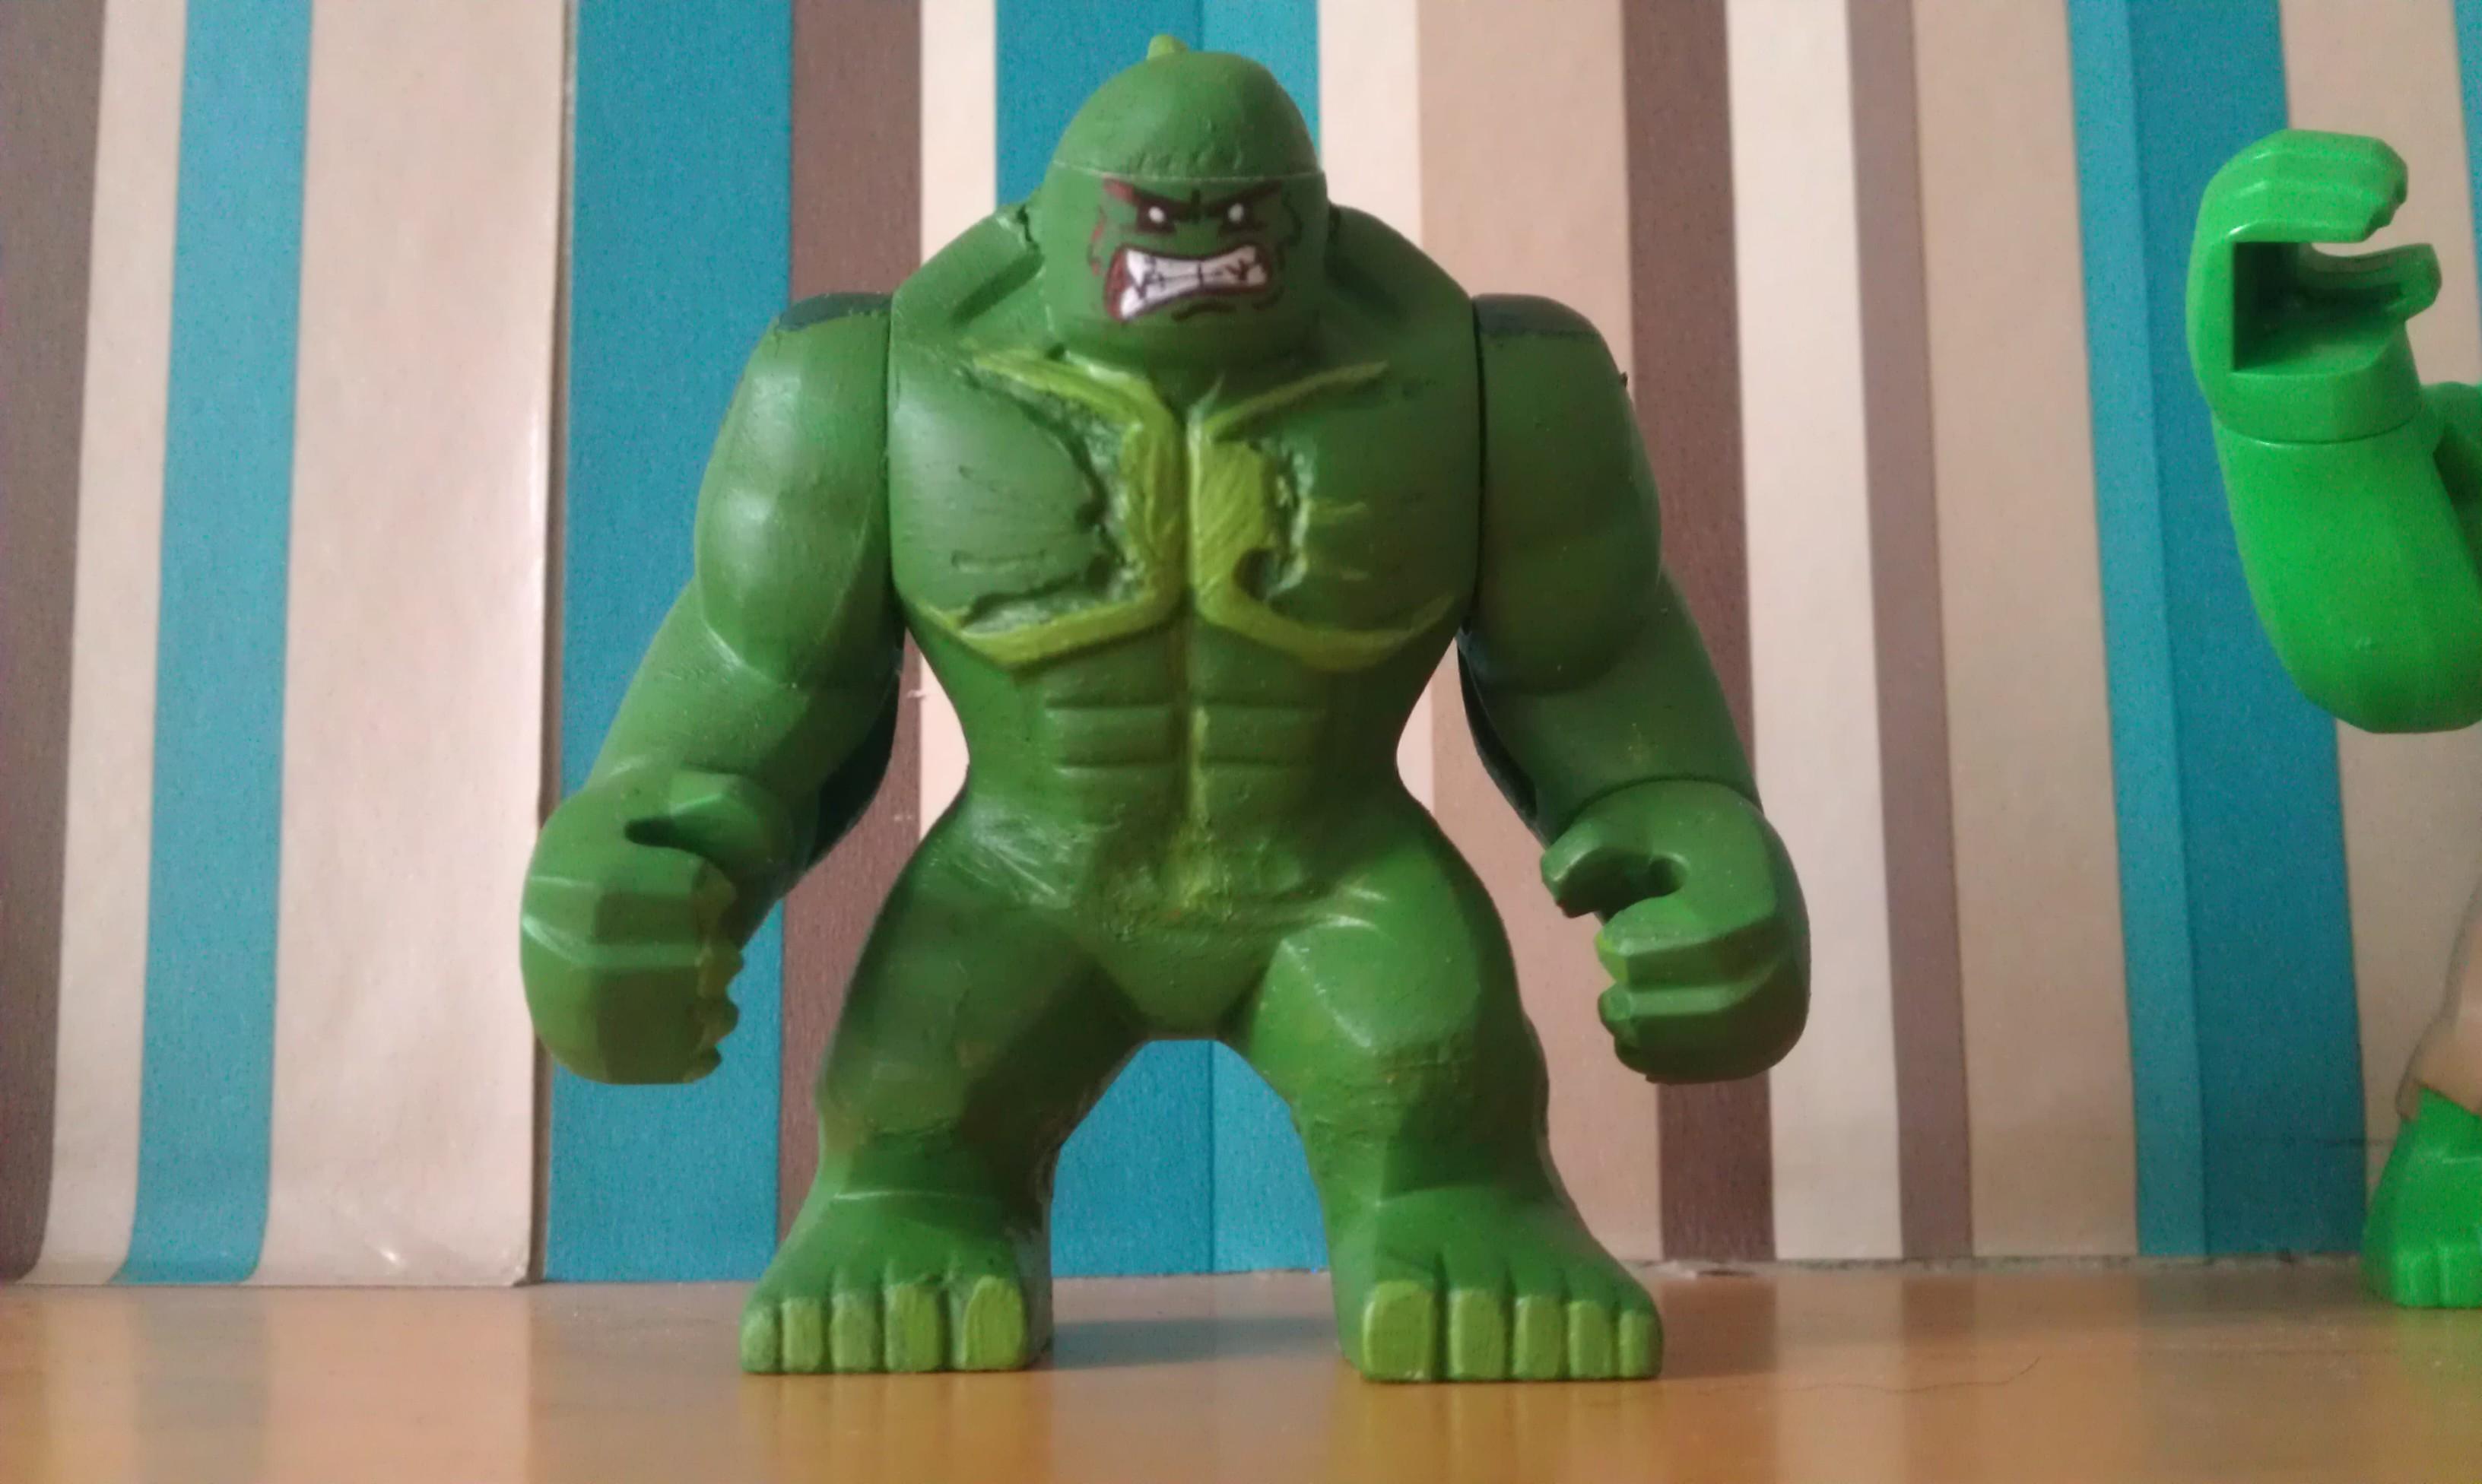 lego abomination | Flickr - Photo Sharing!